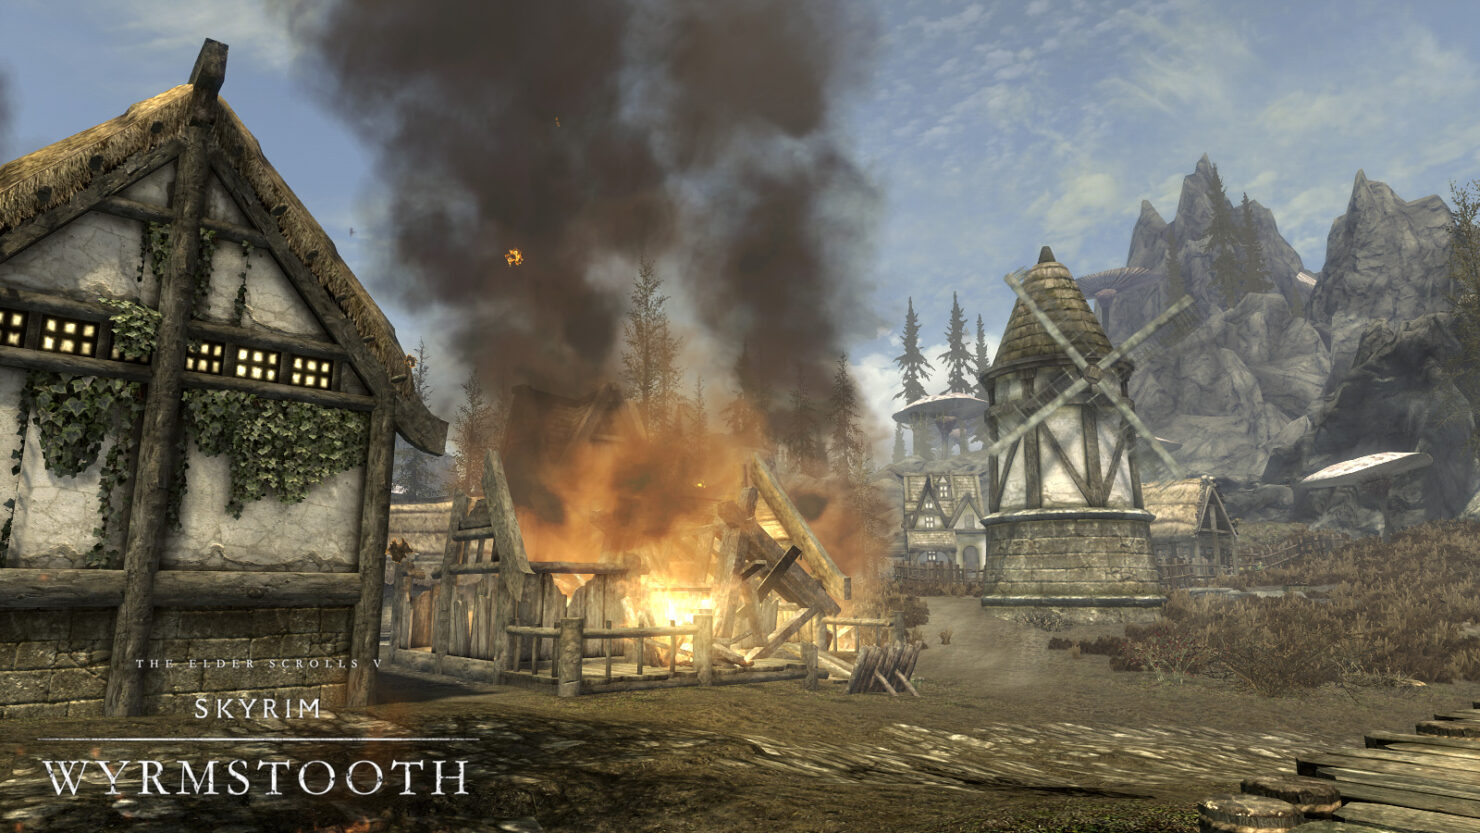 the-elder-scrolls-v-skyrim-wyrmstooth-mod-3